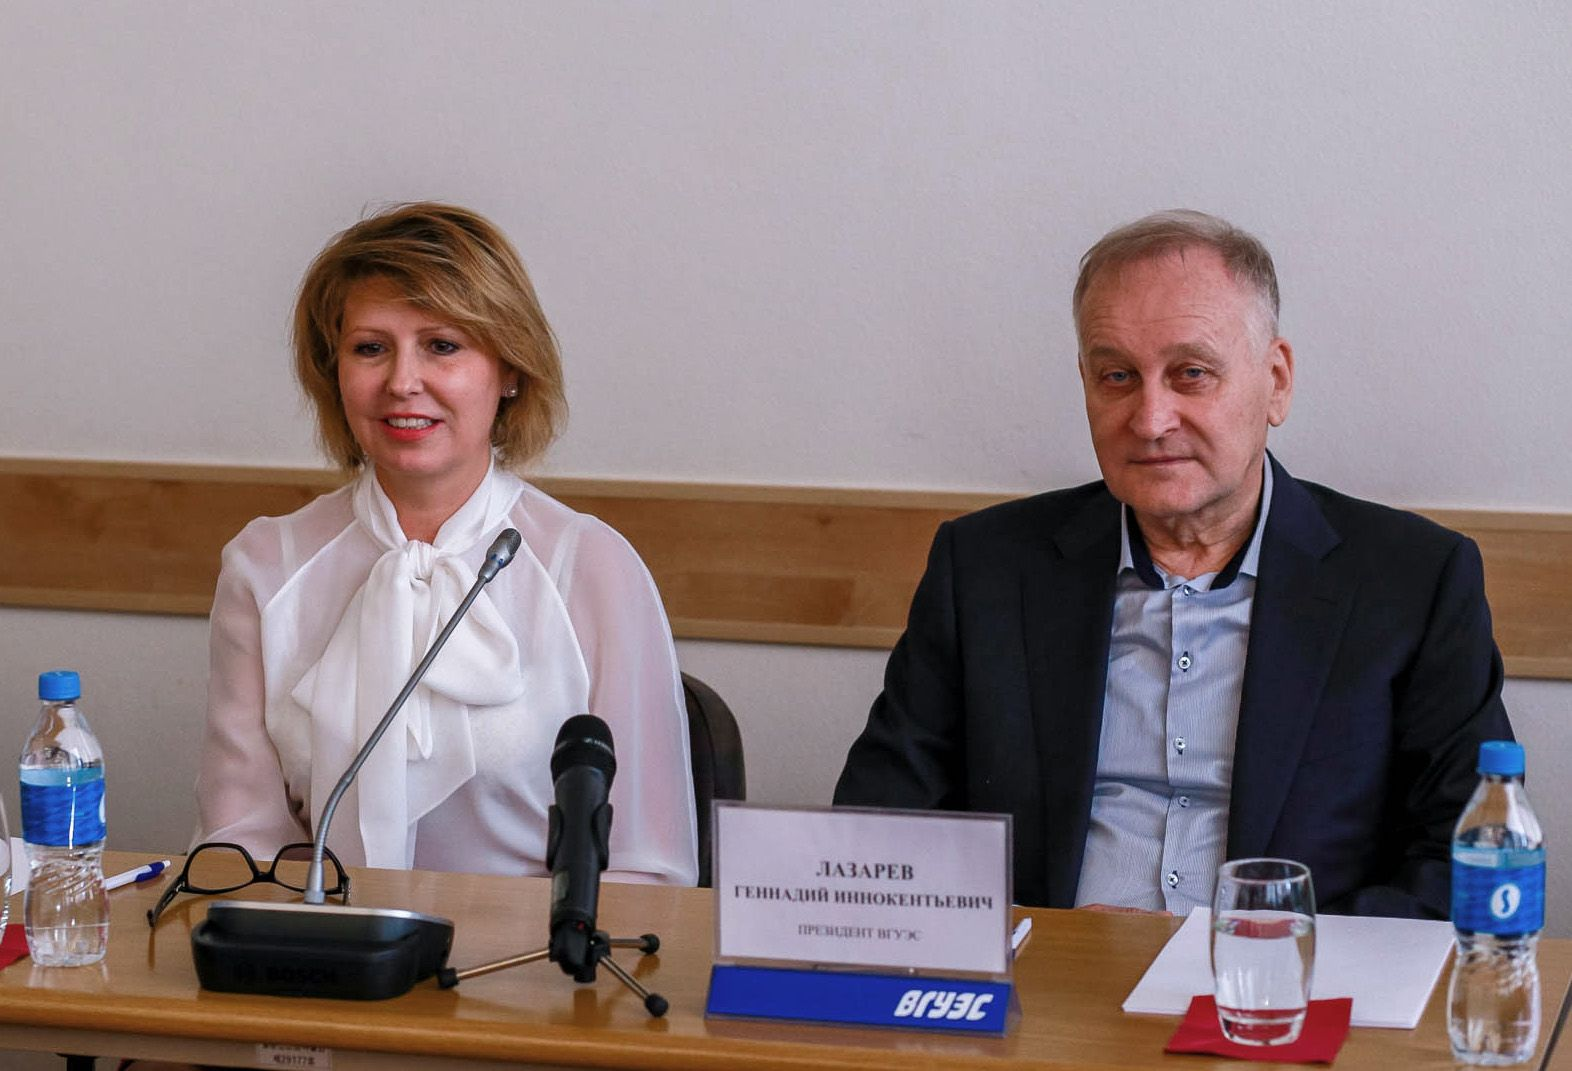 ВГУЭС и бизнес-сообщество: стратегическое партнерство в интересах региона